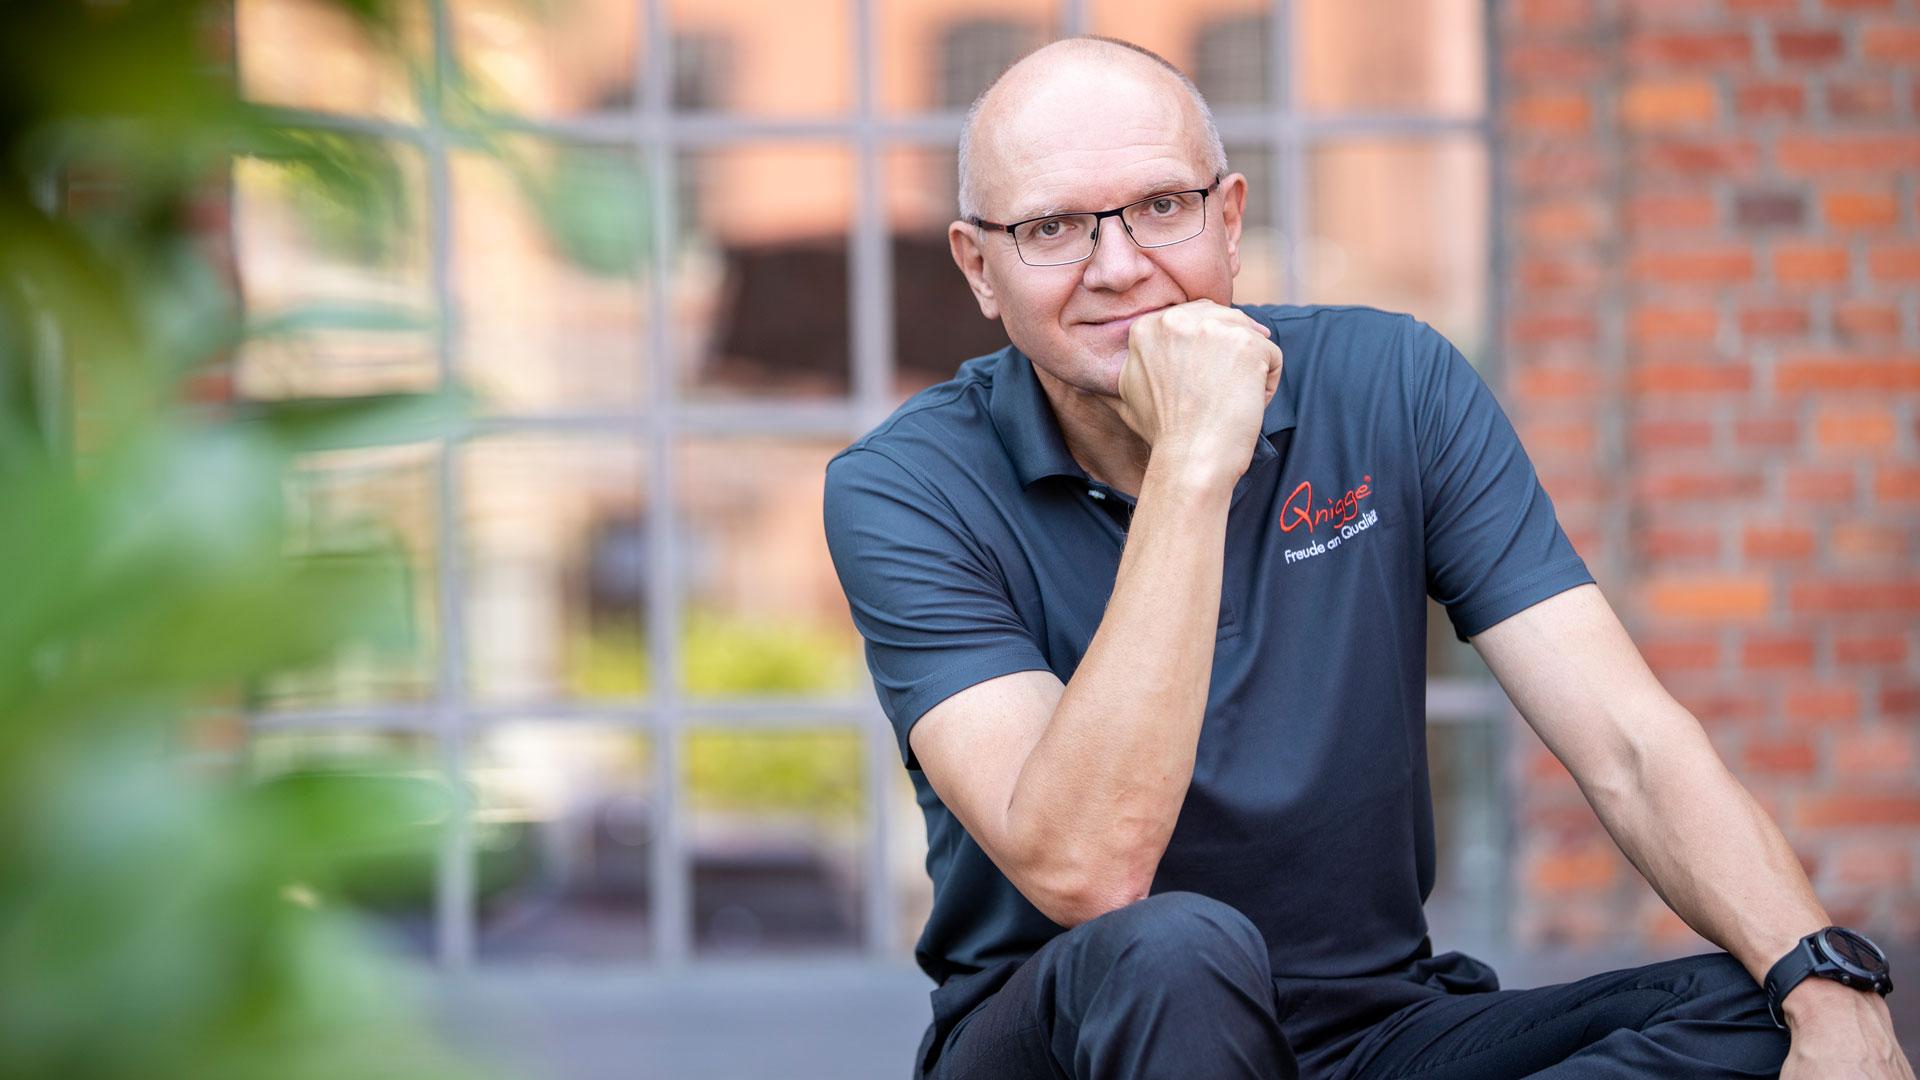 Markus F. Weidner vom Institut Qnigge – Führungsqualität & Service-Erlebnis übermittelt in seinen Tr